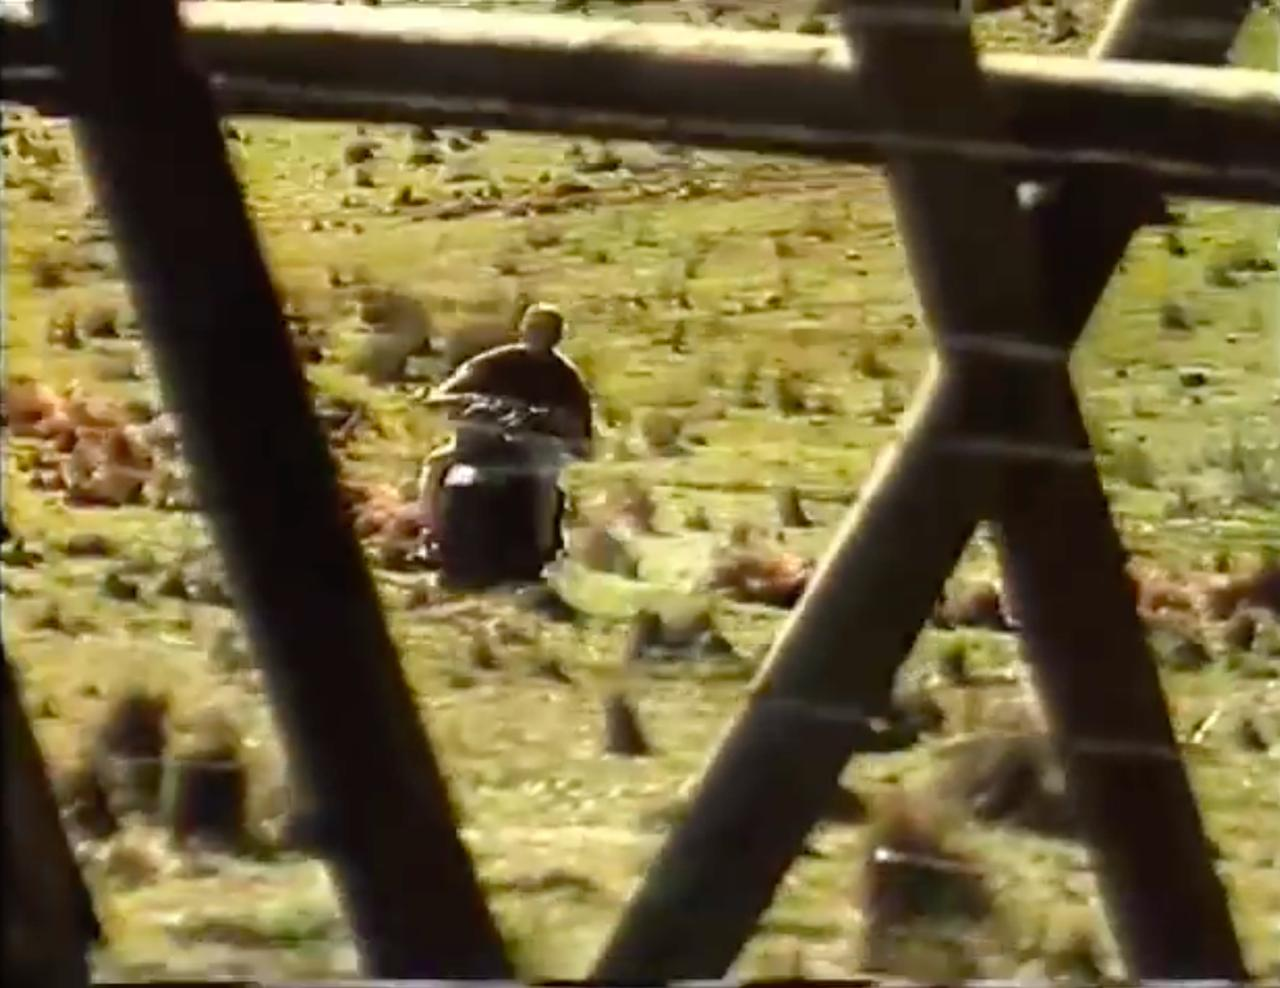 画像: CMの展開は、動画でご確認していただくとして、本編同様にヒルツの行く手を、ドイツ国境の柵が阻みます。永世中立国のスイスに逃げることができれば、脱出成功なのですが・・・。 www.youtube.com